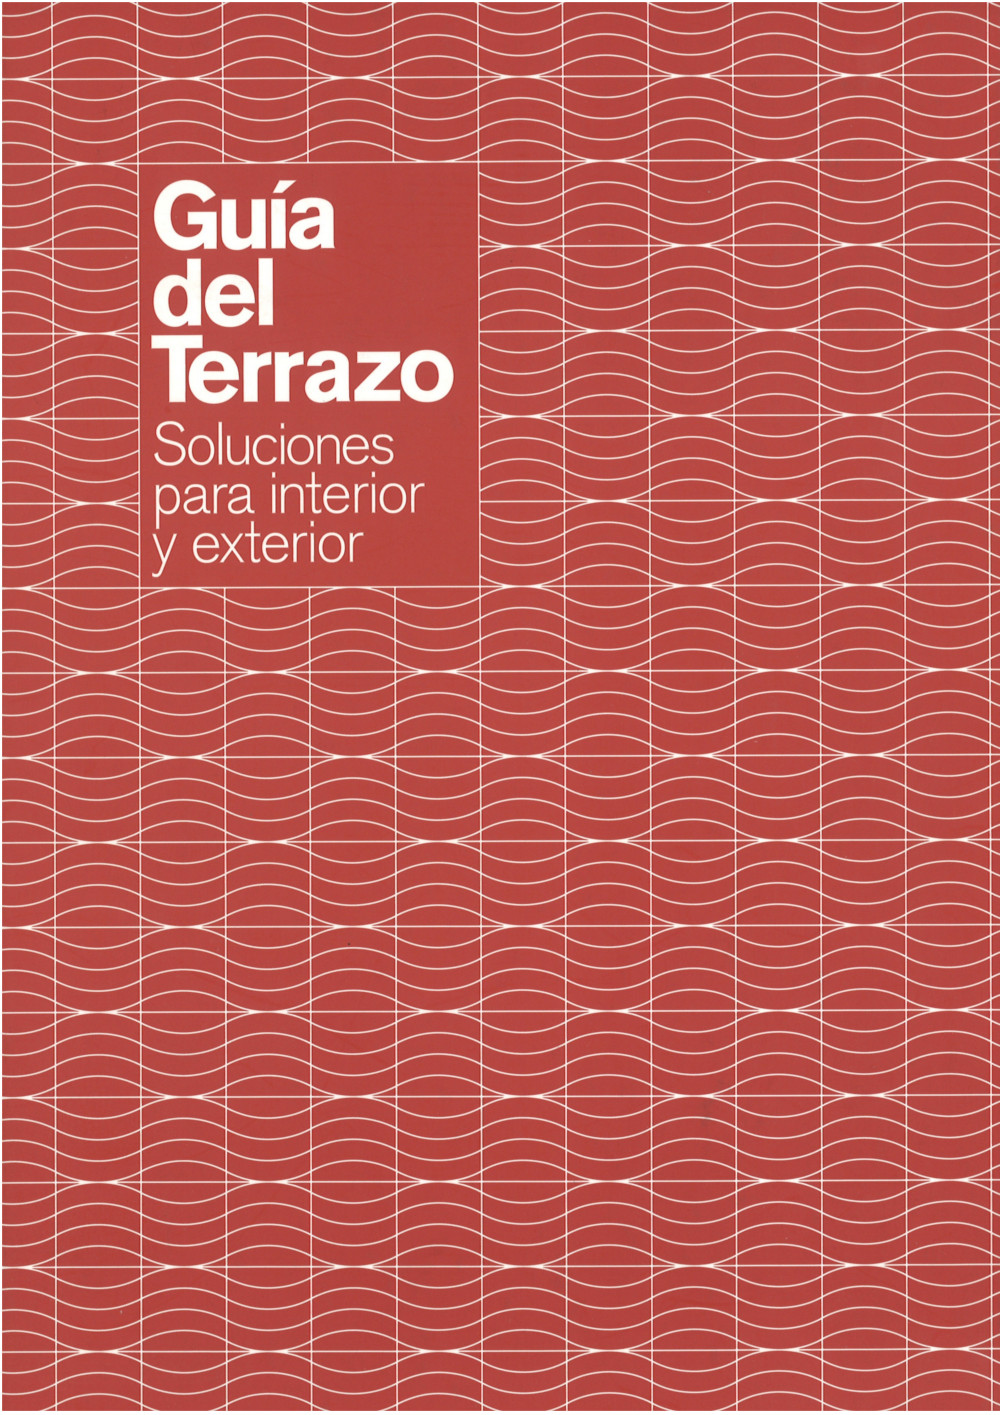 Guía del Terrazo II - Soluciones para interior y exterior